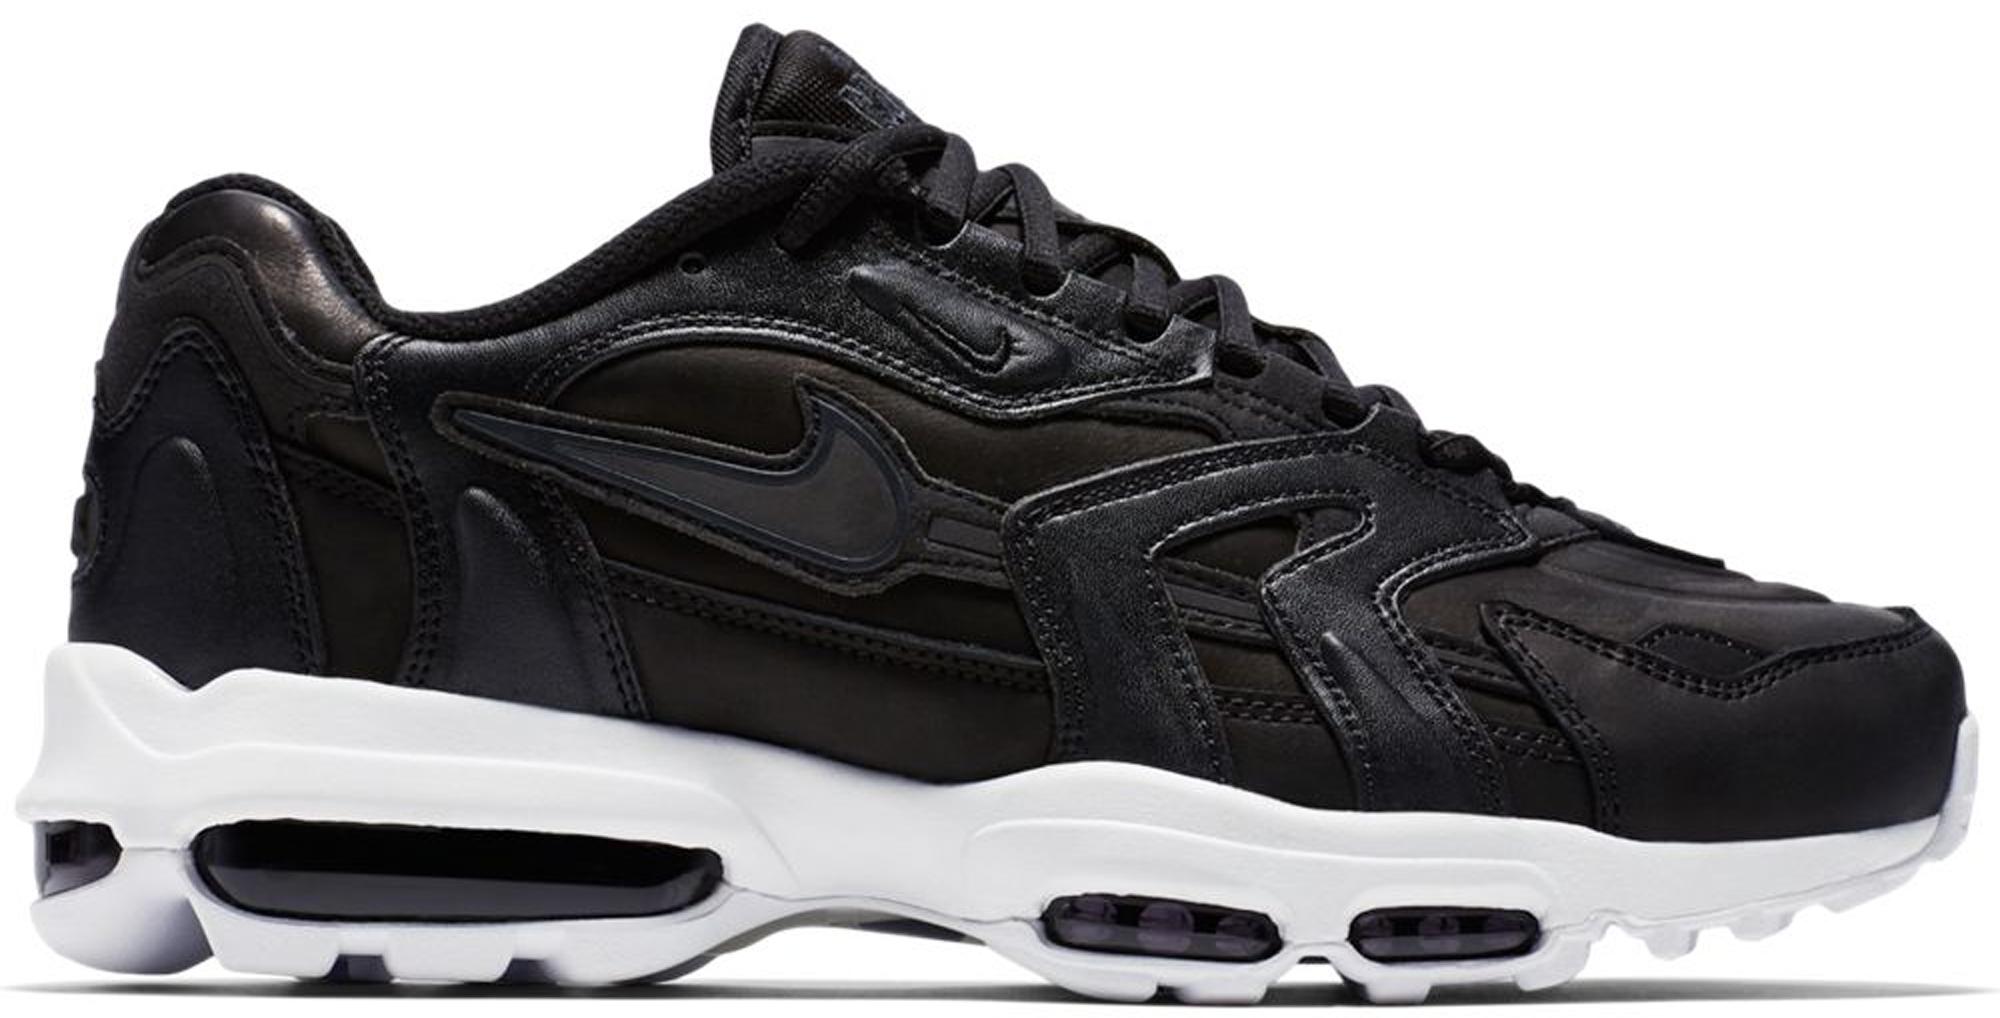 Nike Air Max 96 II XX Black White